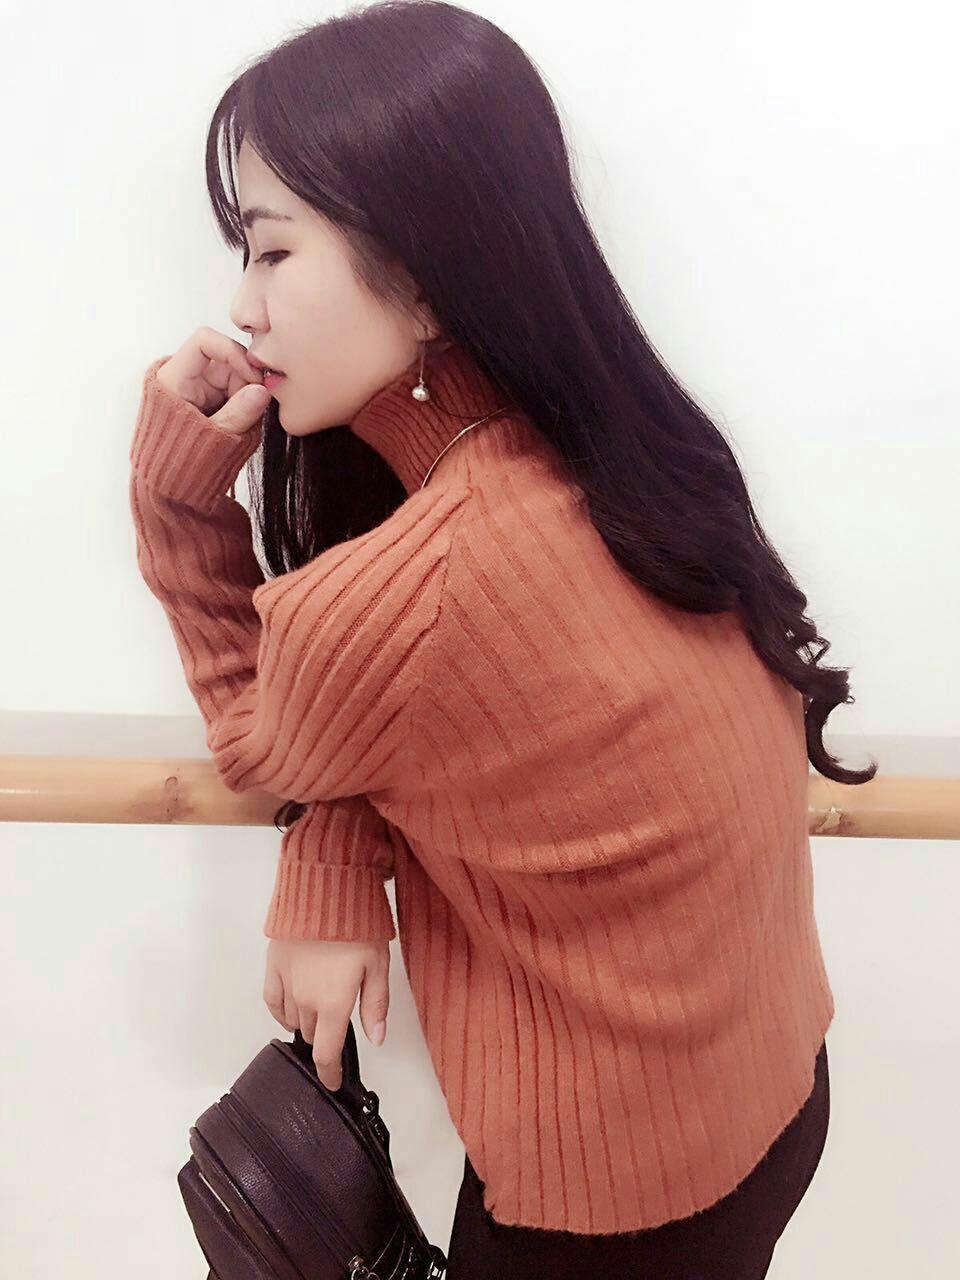 新款韩版女装打底秋冬纯色宽松加厚套头高领插肩袖女子短款毛衣